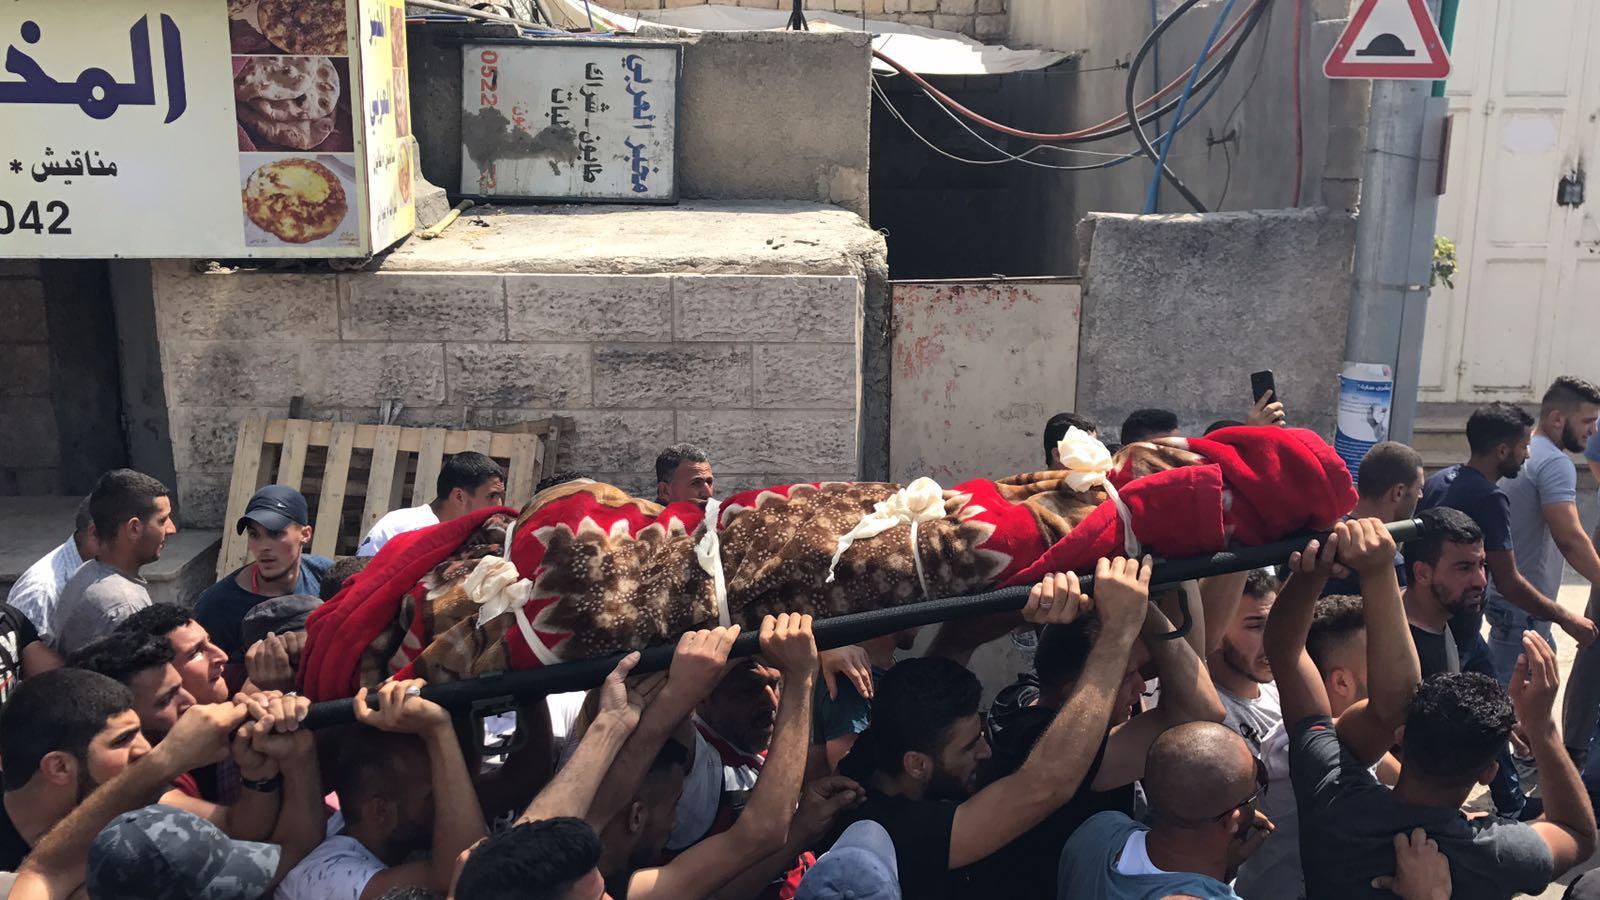 جمعة الغضب: 3 شهداء ومئات المصابين بالقدس والضفة الغربية المحتلة